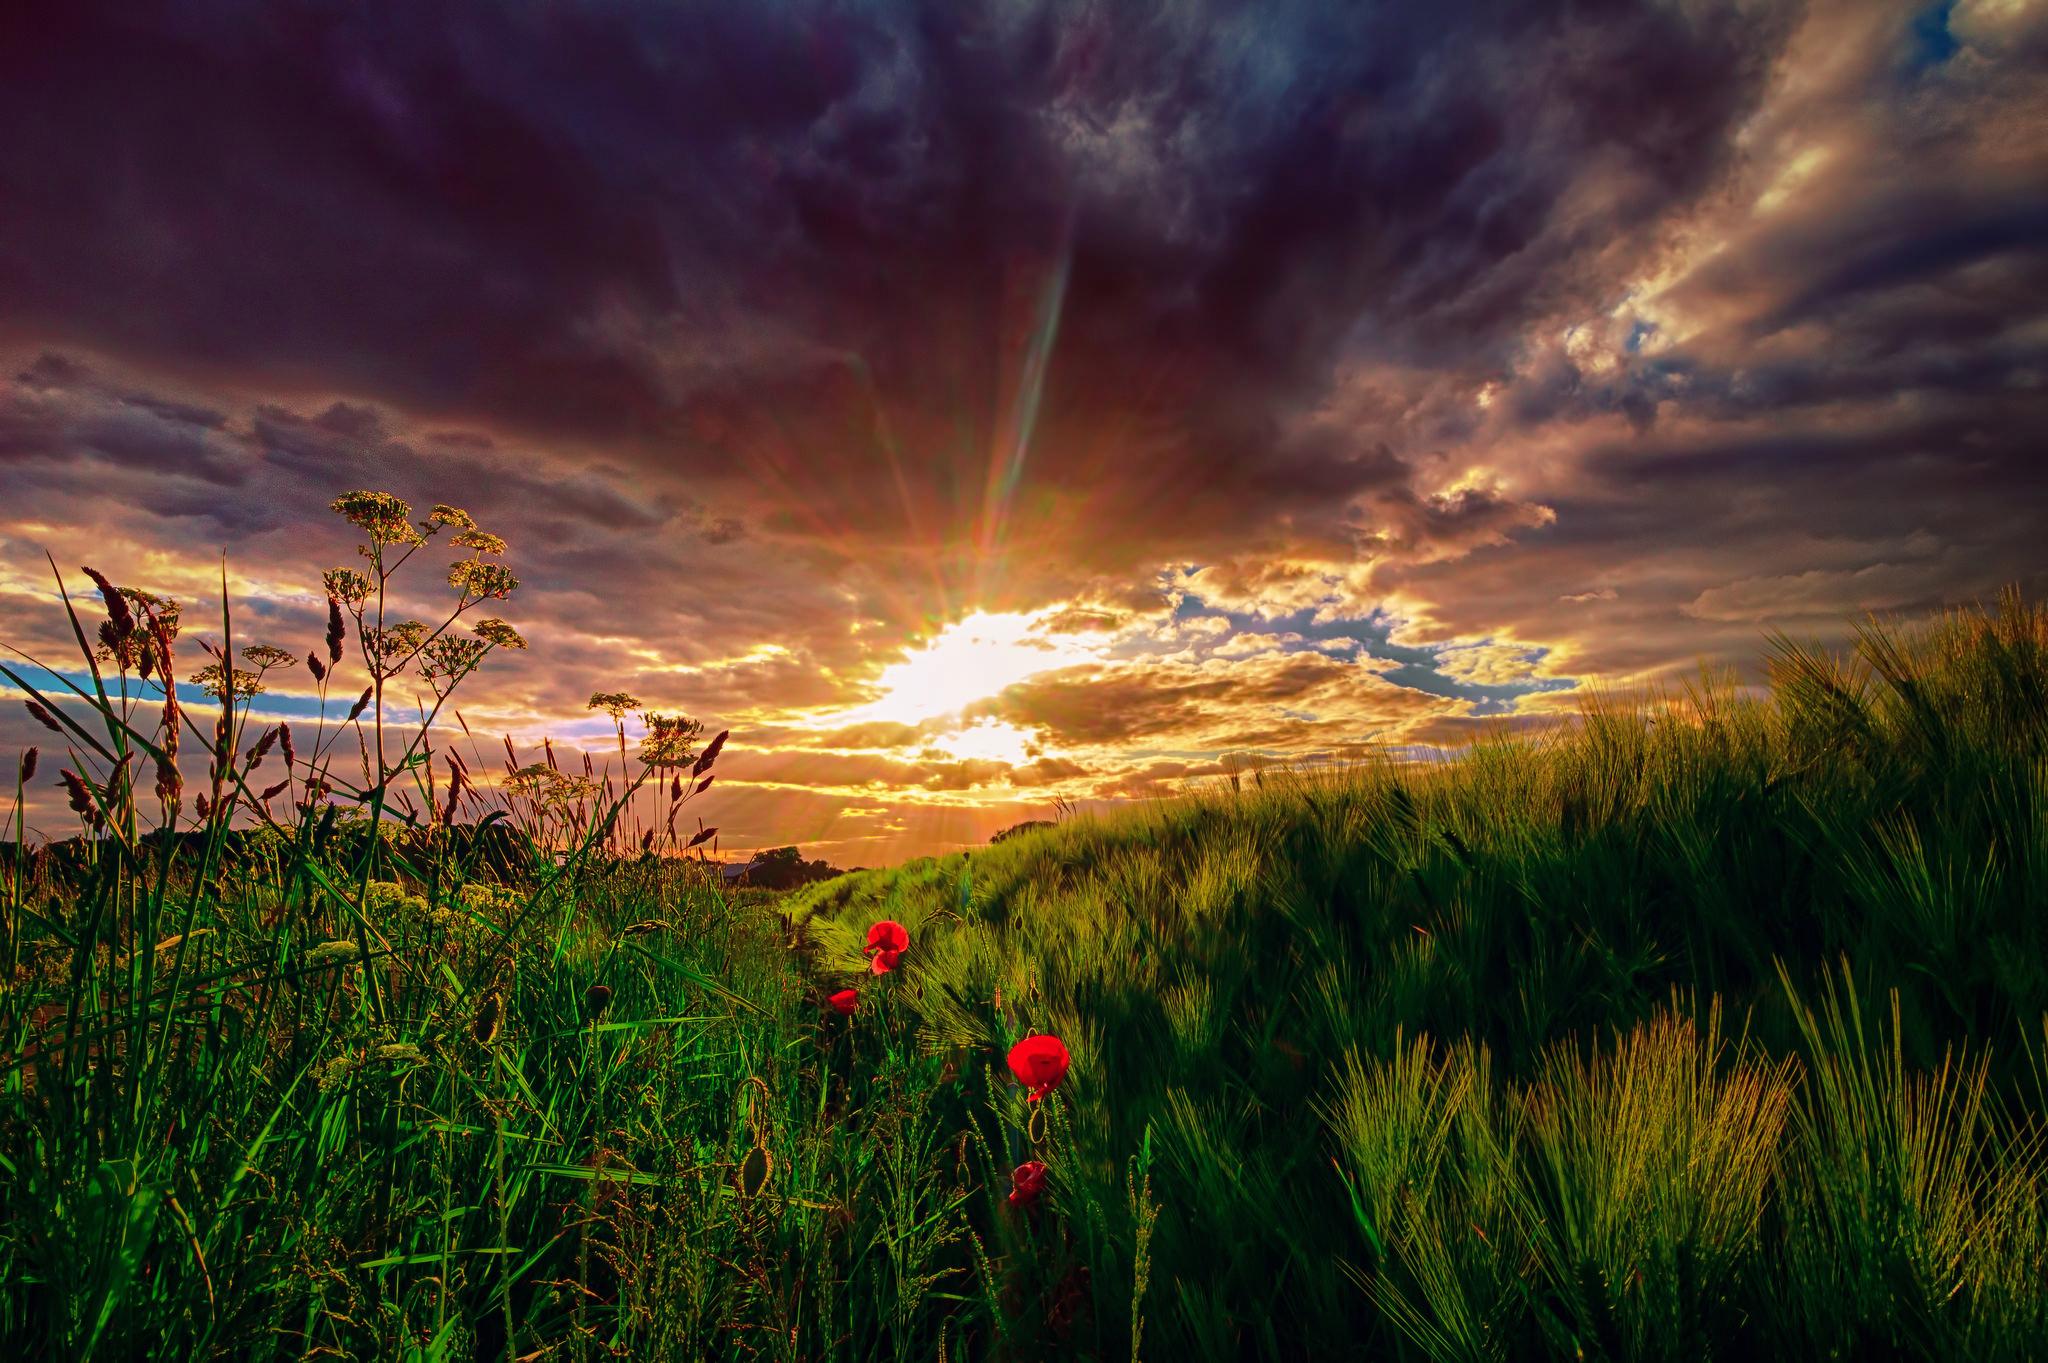 природа цветы трава мельниц восход солнце  № 2556679 загрузить